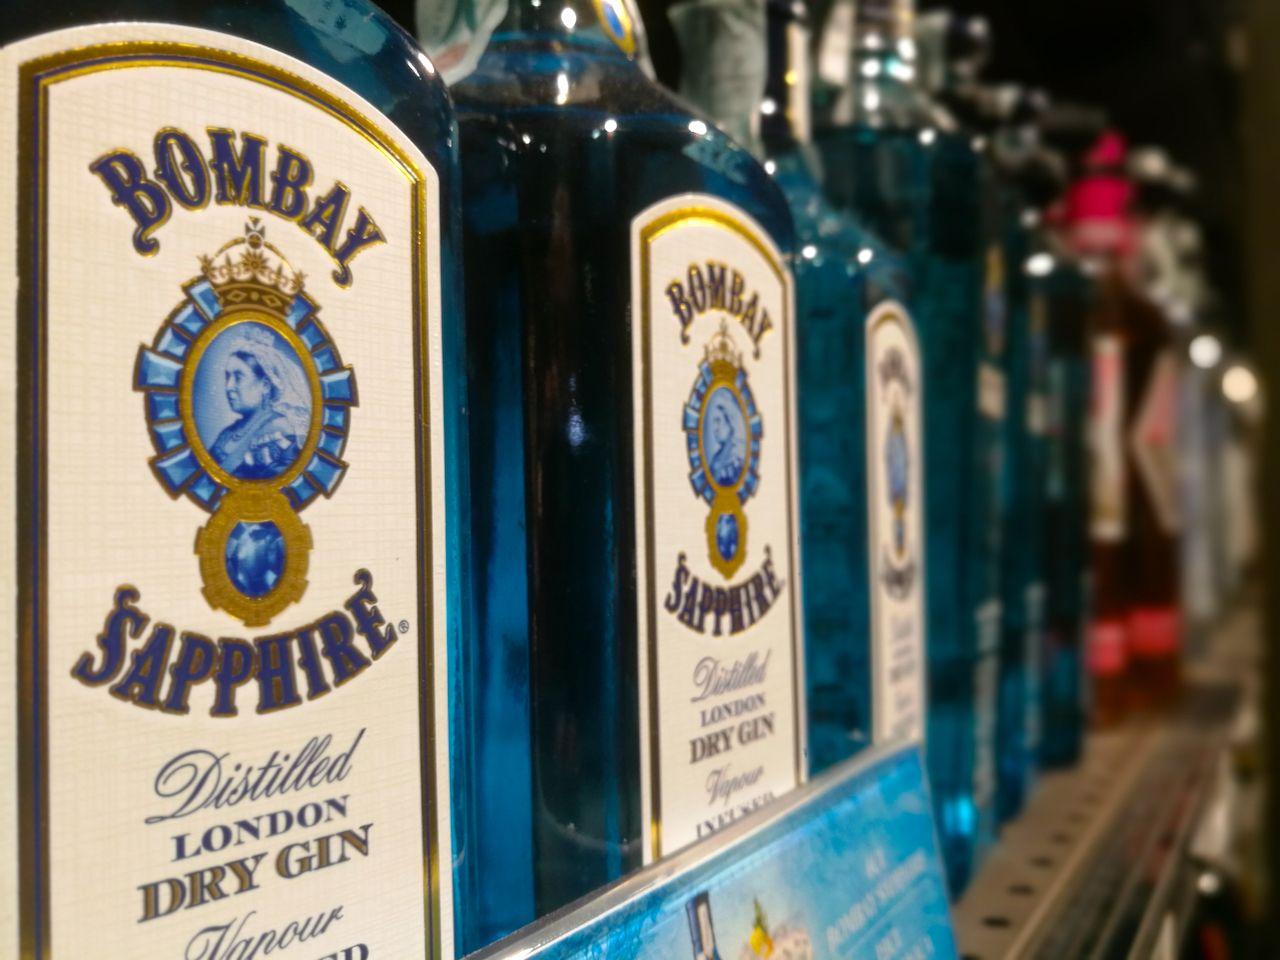 Blue Gin Bottles Bombay Sapphire